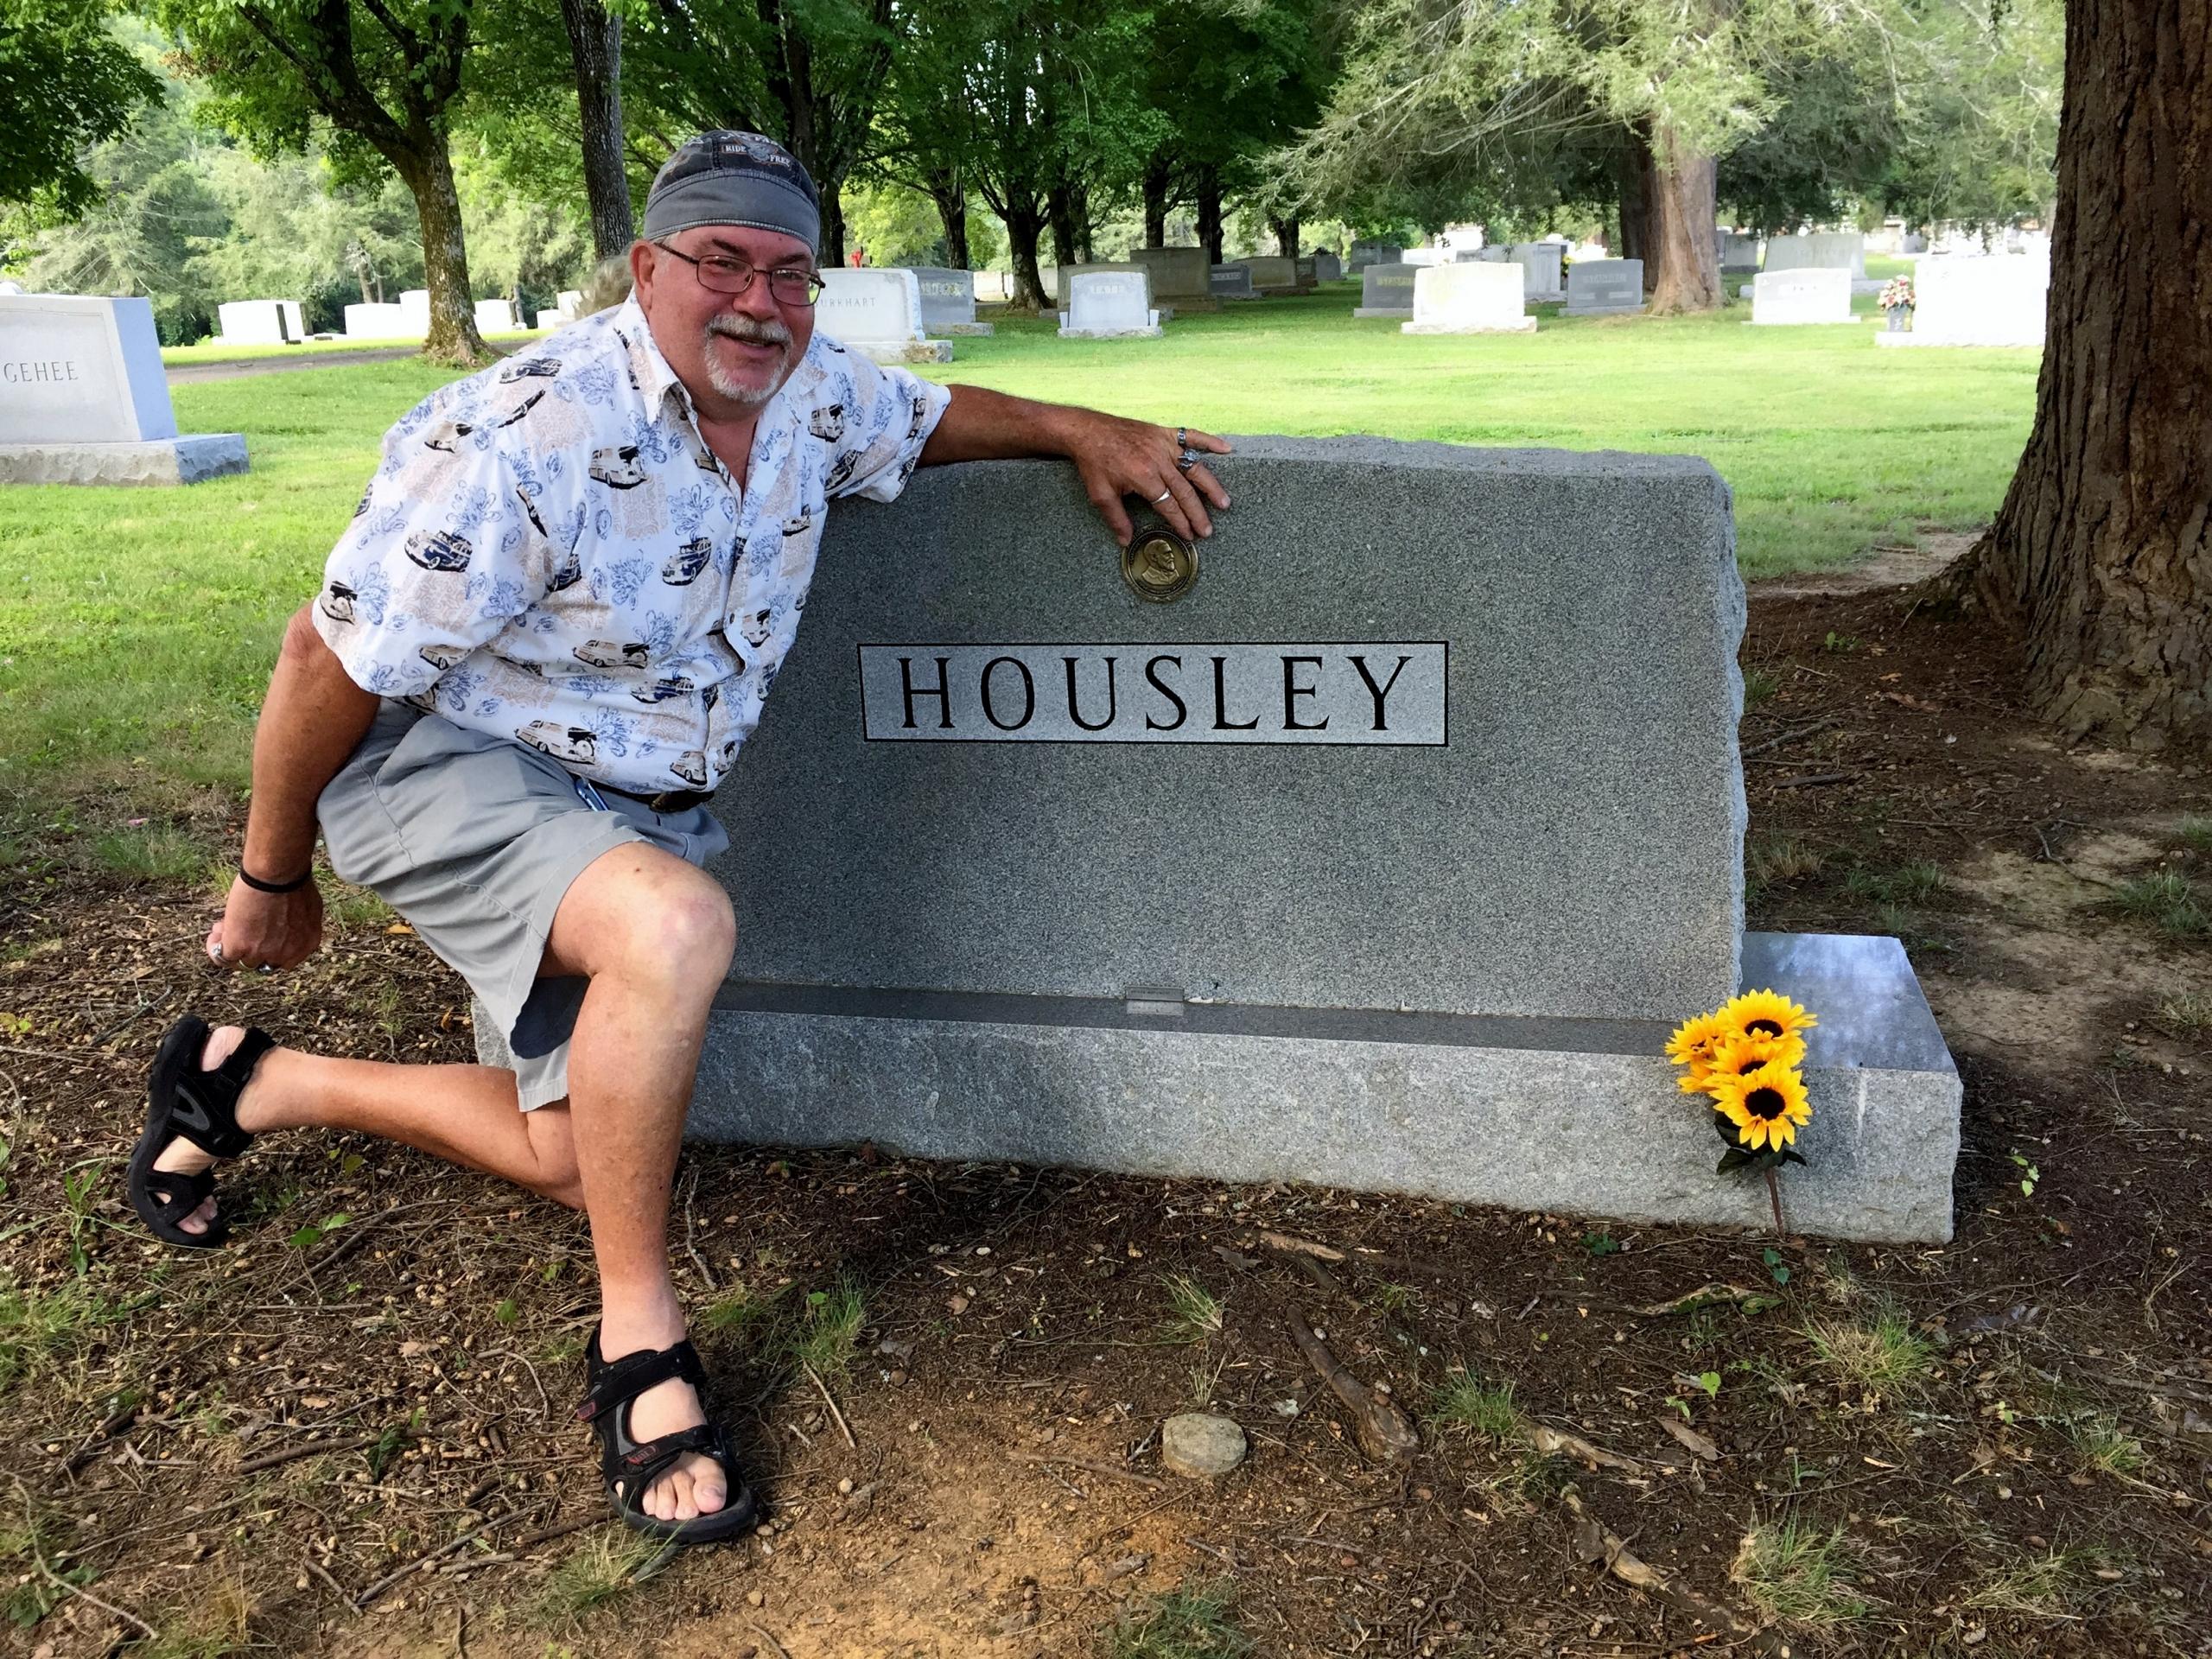 housley